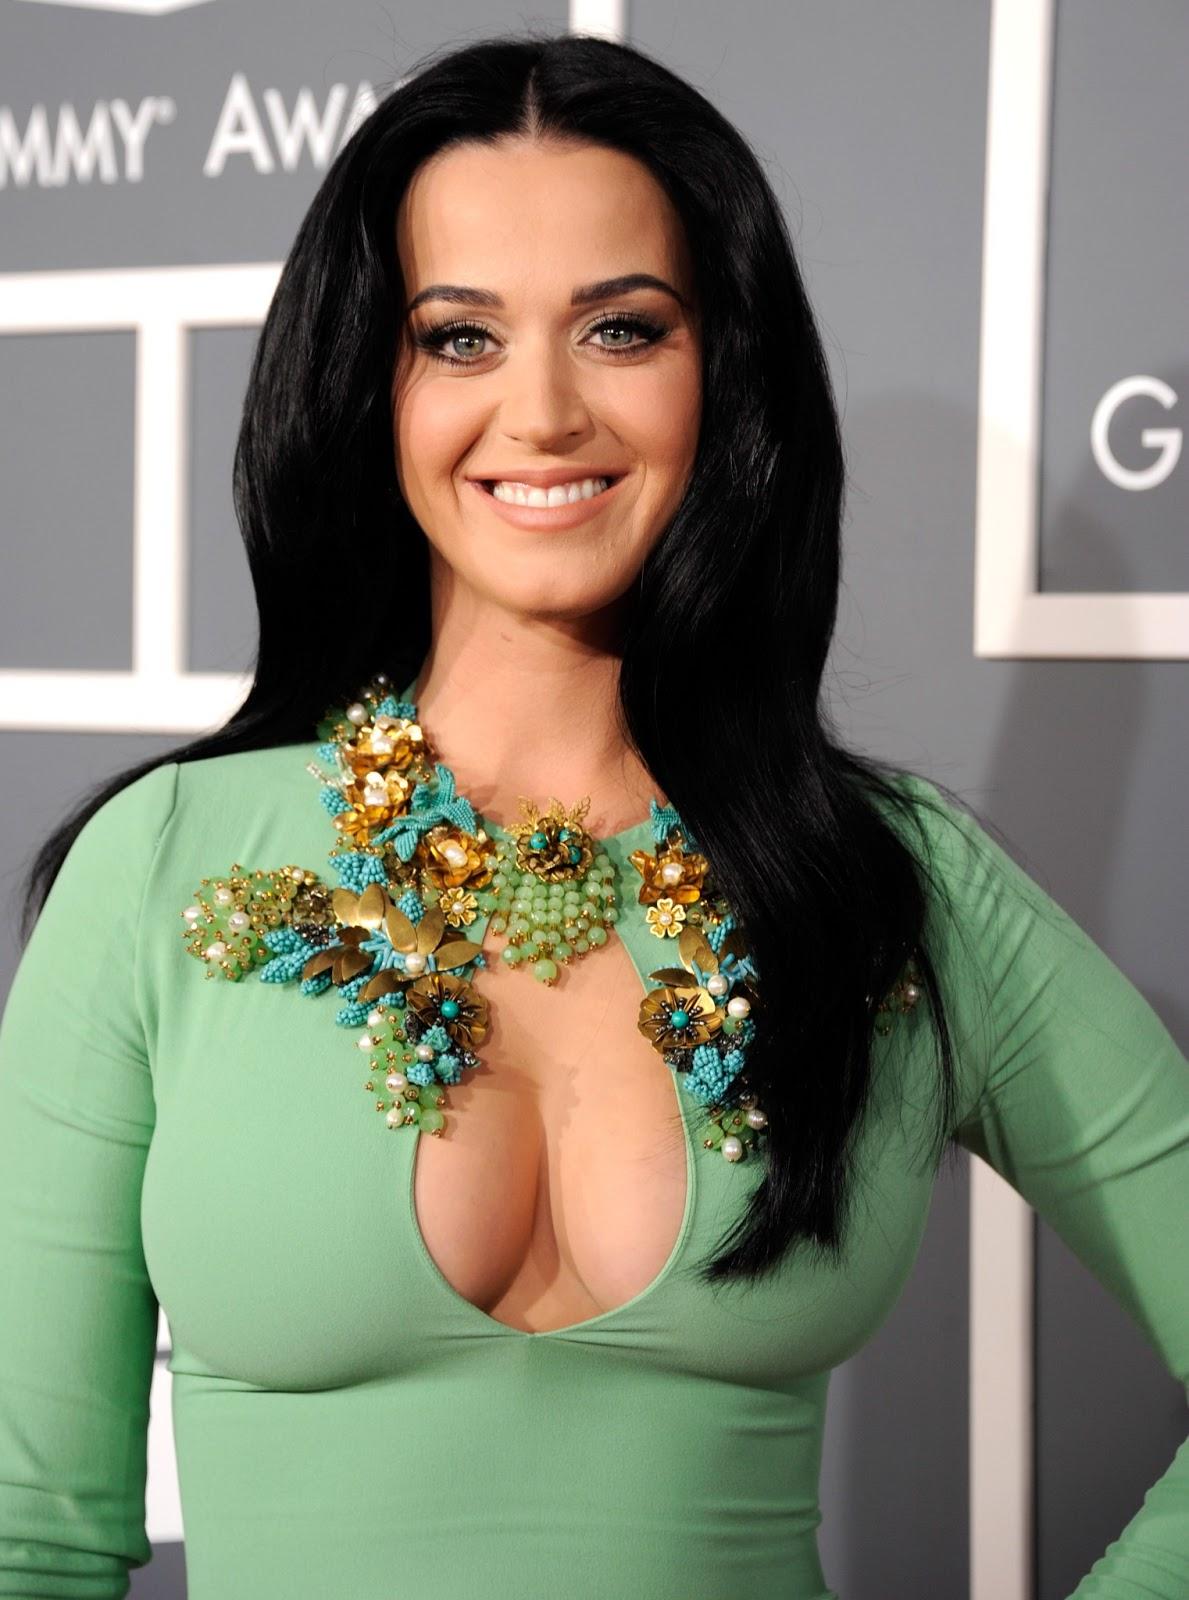 http://2.bp.blogspot.com/-maI2d8JIfNE/URmCr91DSrI/AAAAAAAAIYg/pxskkalGNUI/s1600/Katy+Perry+Grammy+Awards+-+RIMMEL.jpg